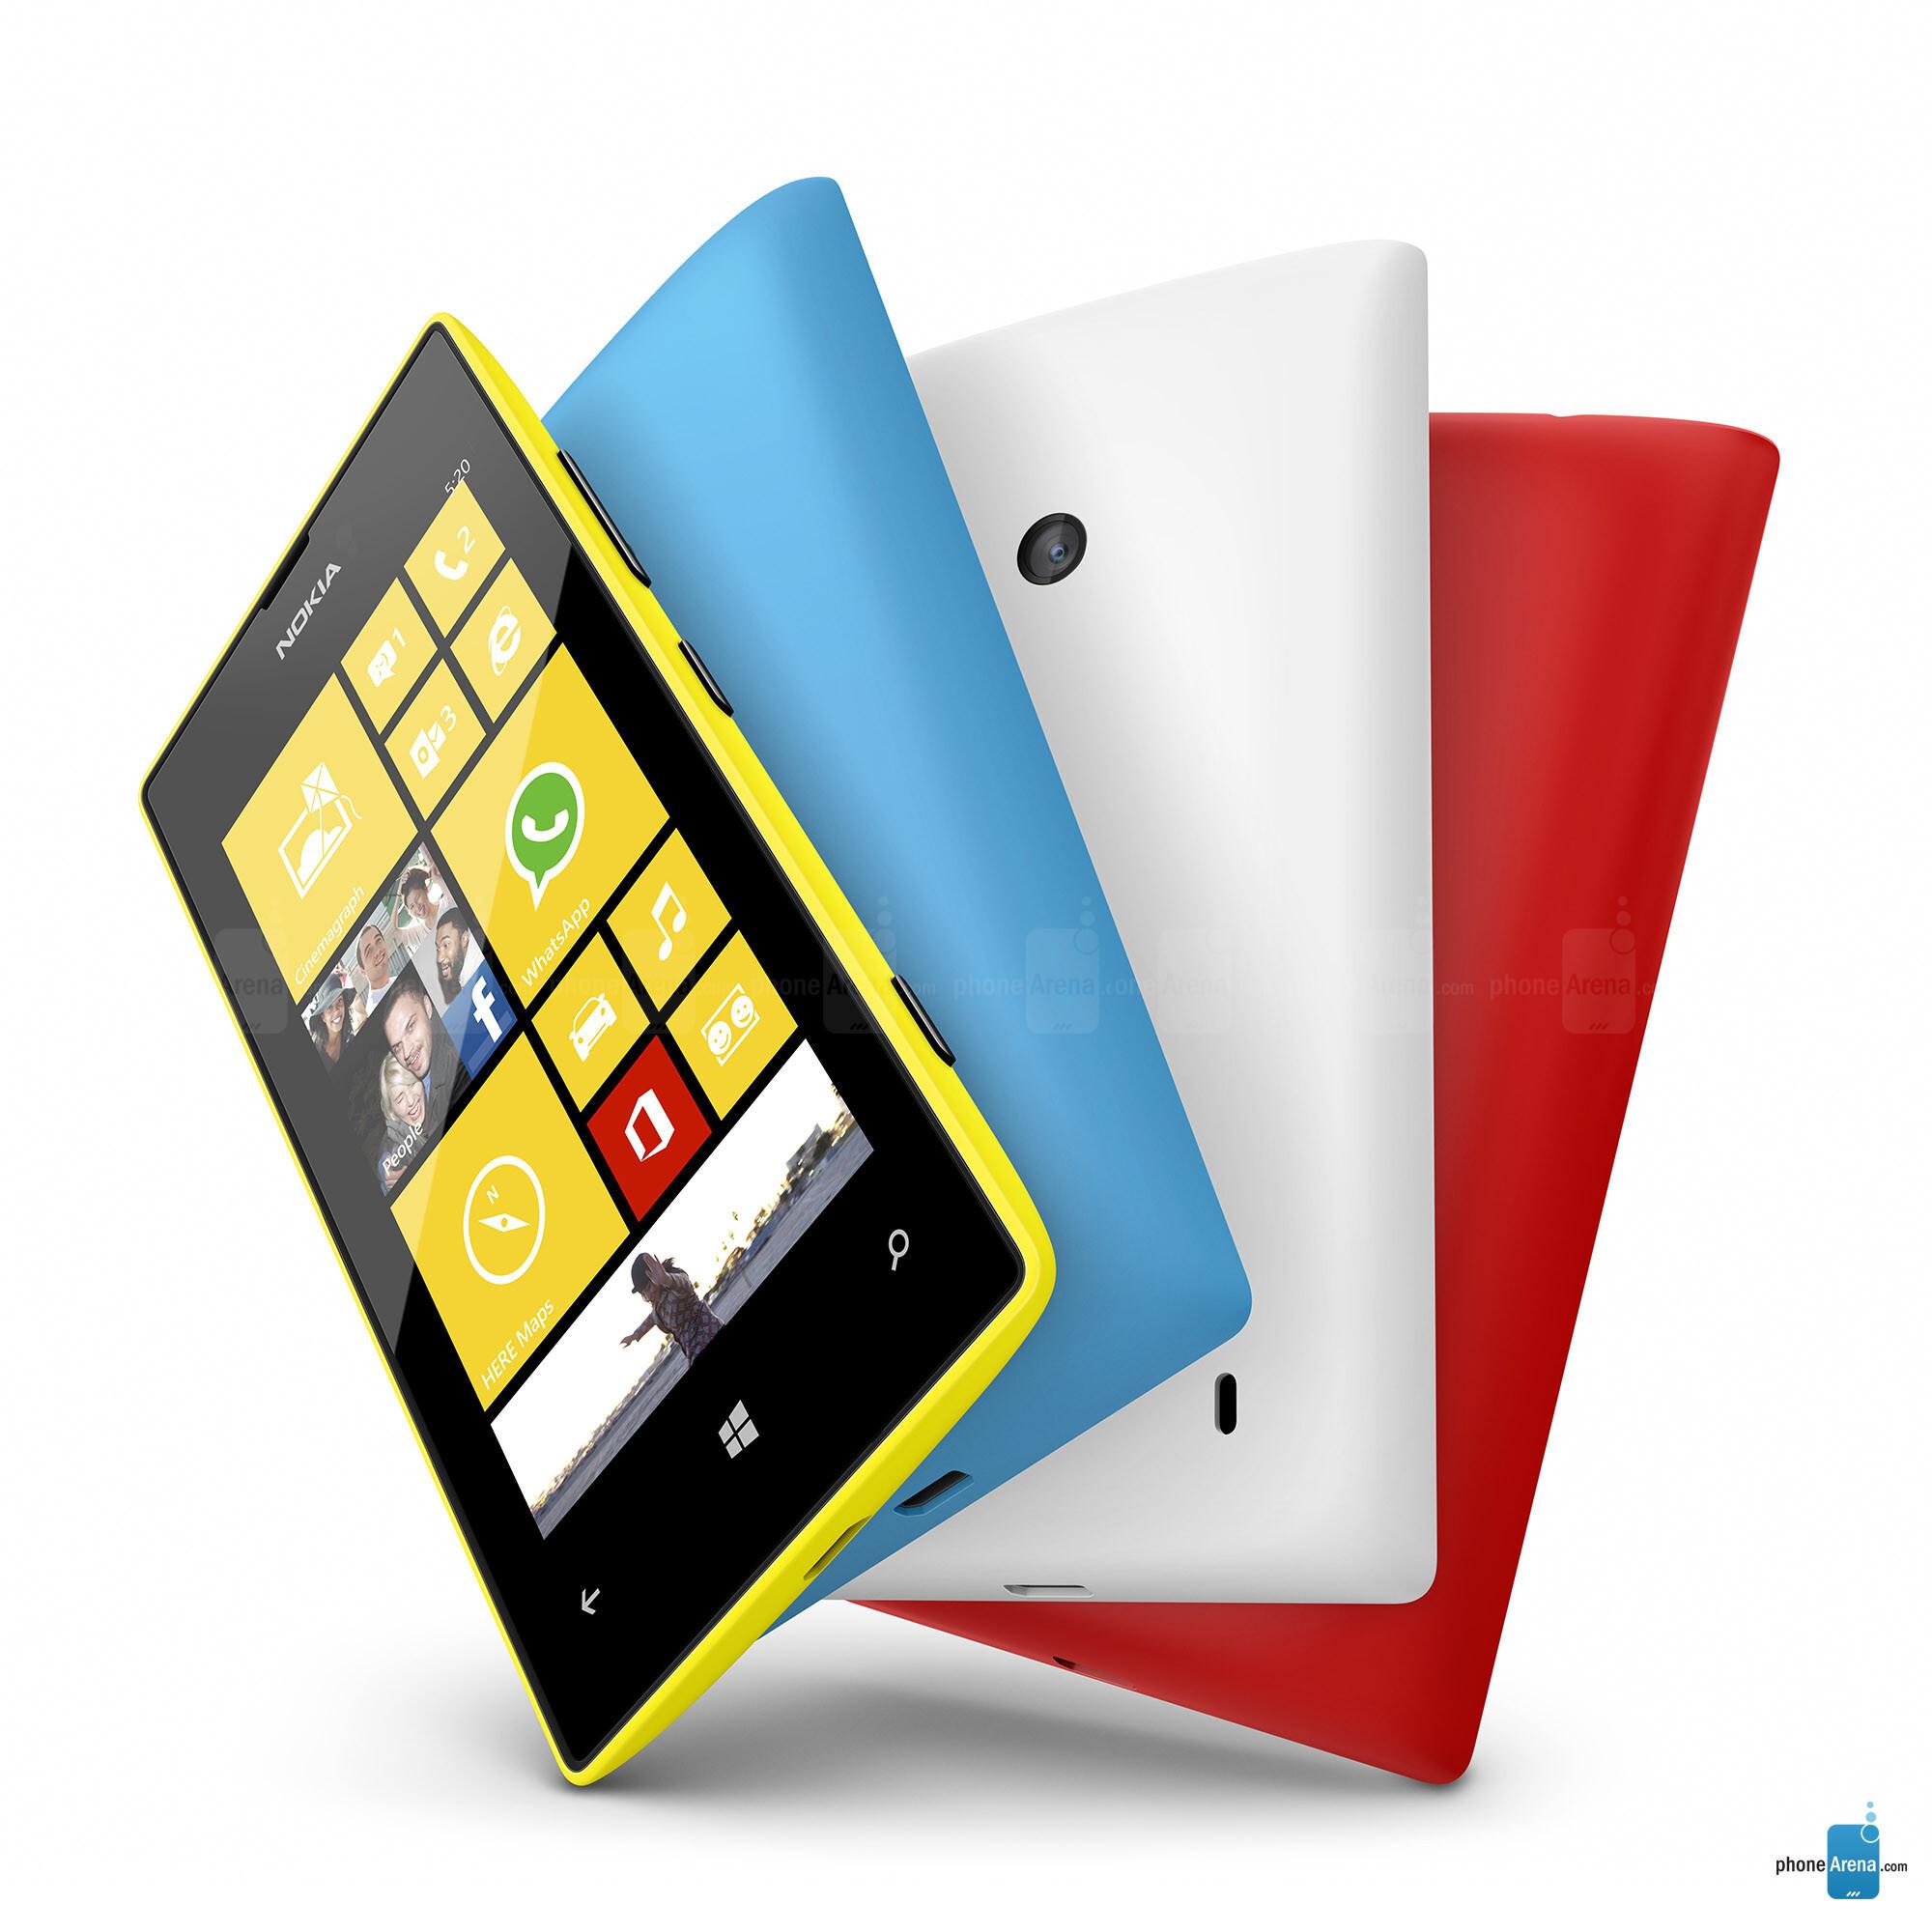 Nokia Lumia 520 specs